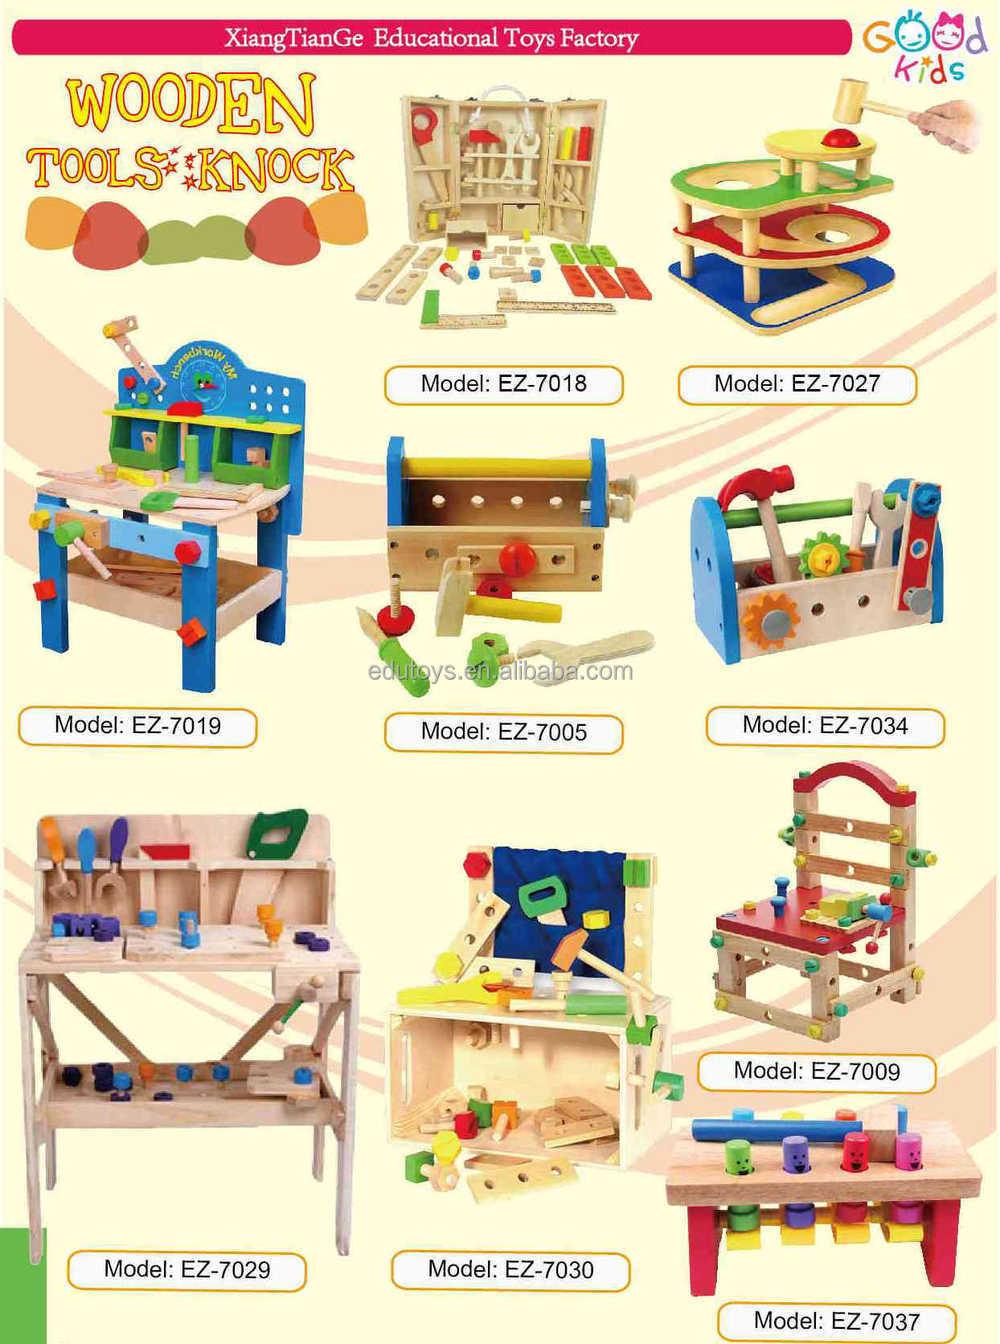 poco de carpintero rattan grande pinewood banco de juego de imaginacin juguete para los nios